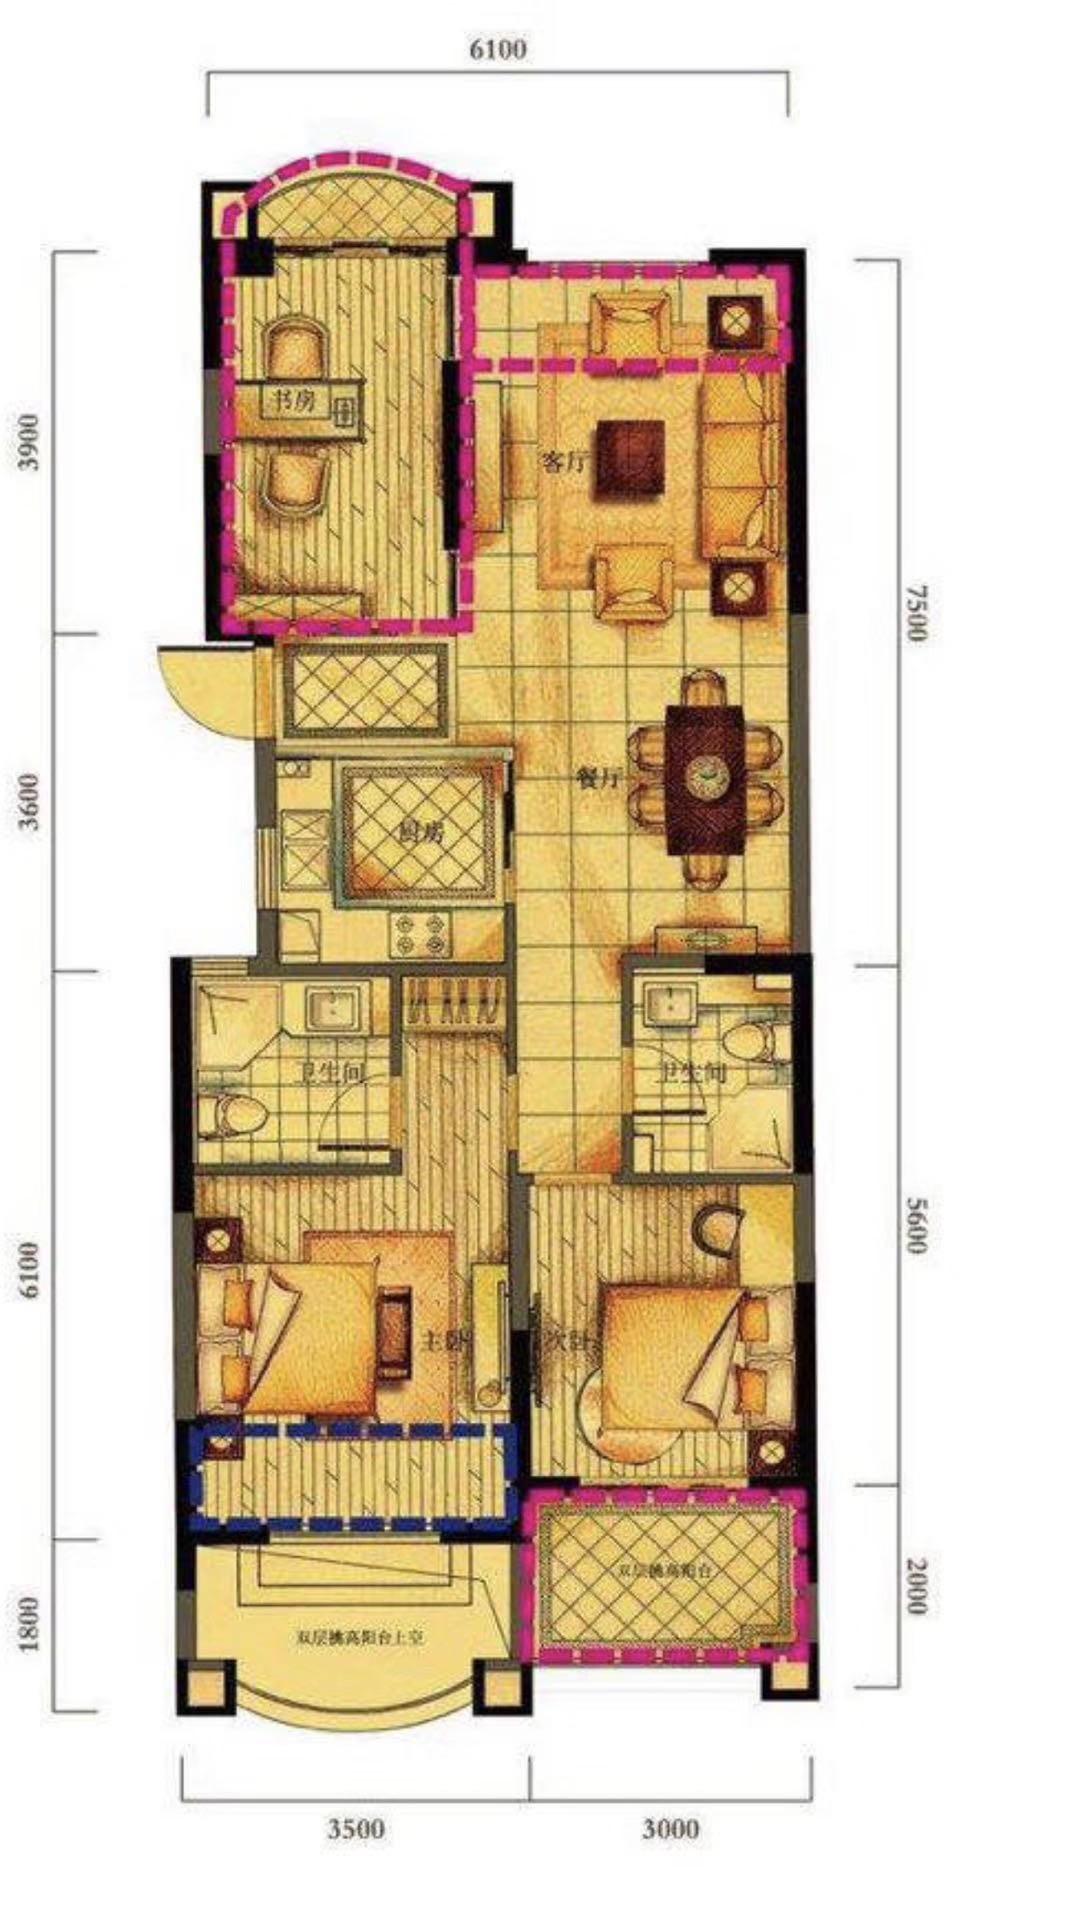 出售华瑞晴庐中楼层,89送25方,3房2厅2卫,305万,车位另算25万